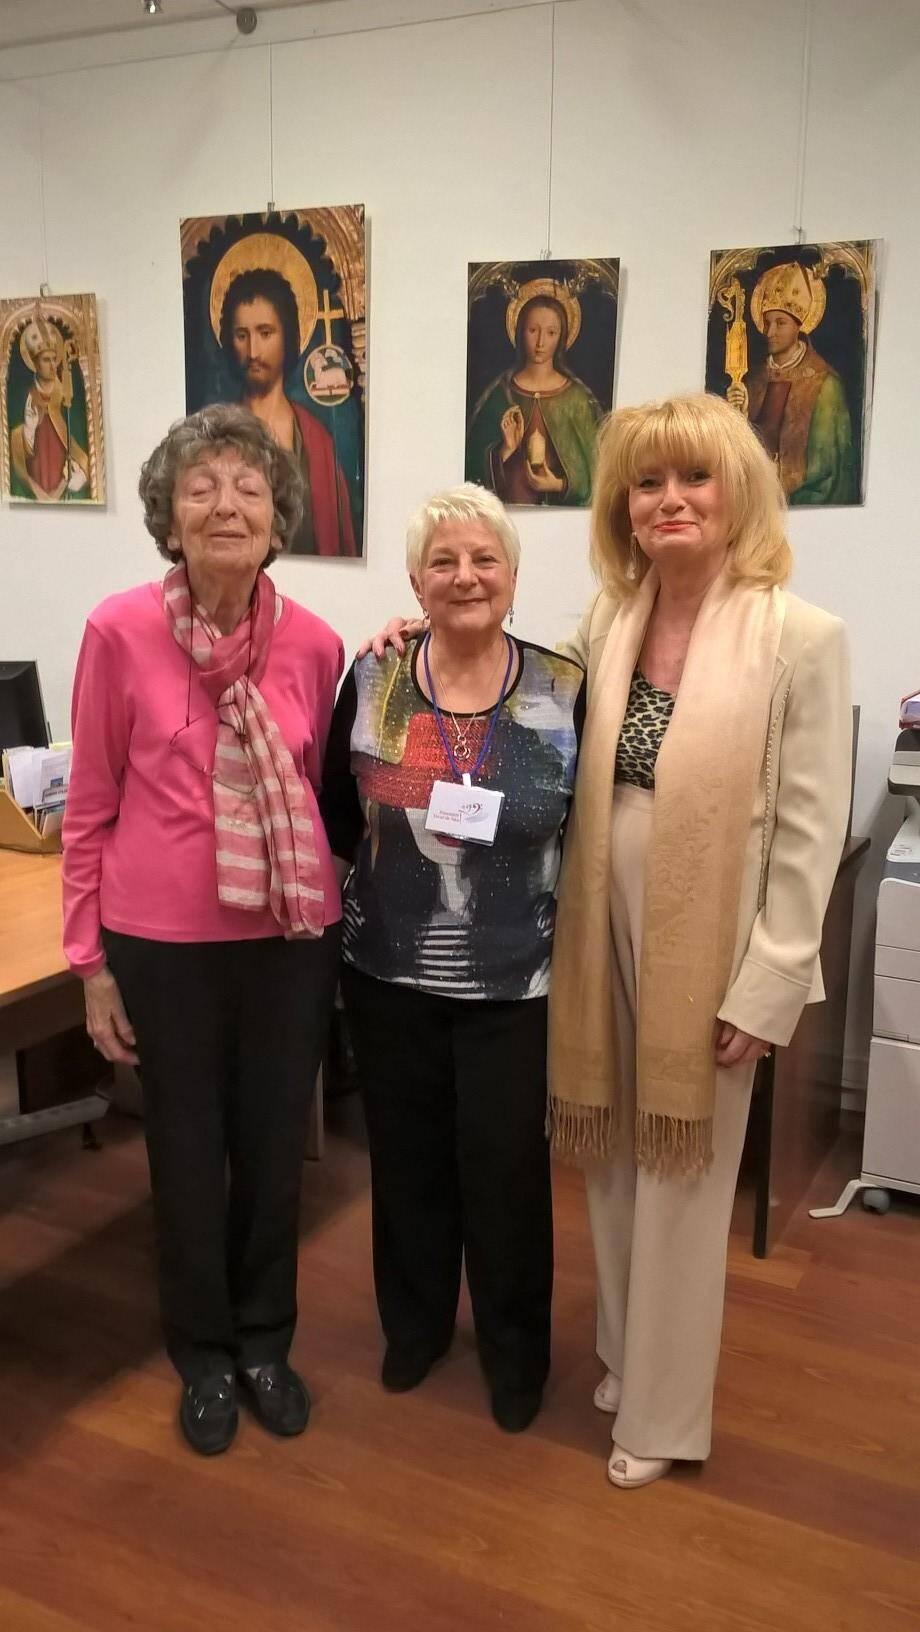 Devant les tableaux de Bréa, Germaine Pierre-Leclerc, auteur du livret, Colette Rodriguez, président de l'Ensemble vocal de Nice, et Anne-Marie Dumont, conseillère départementale.